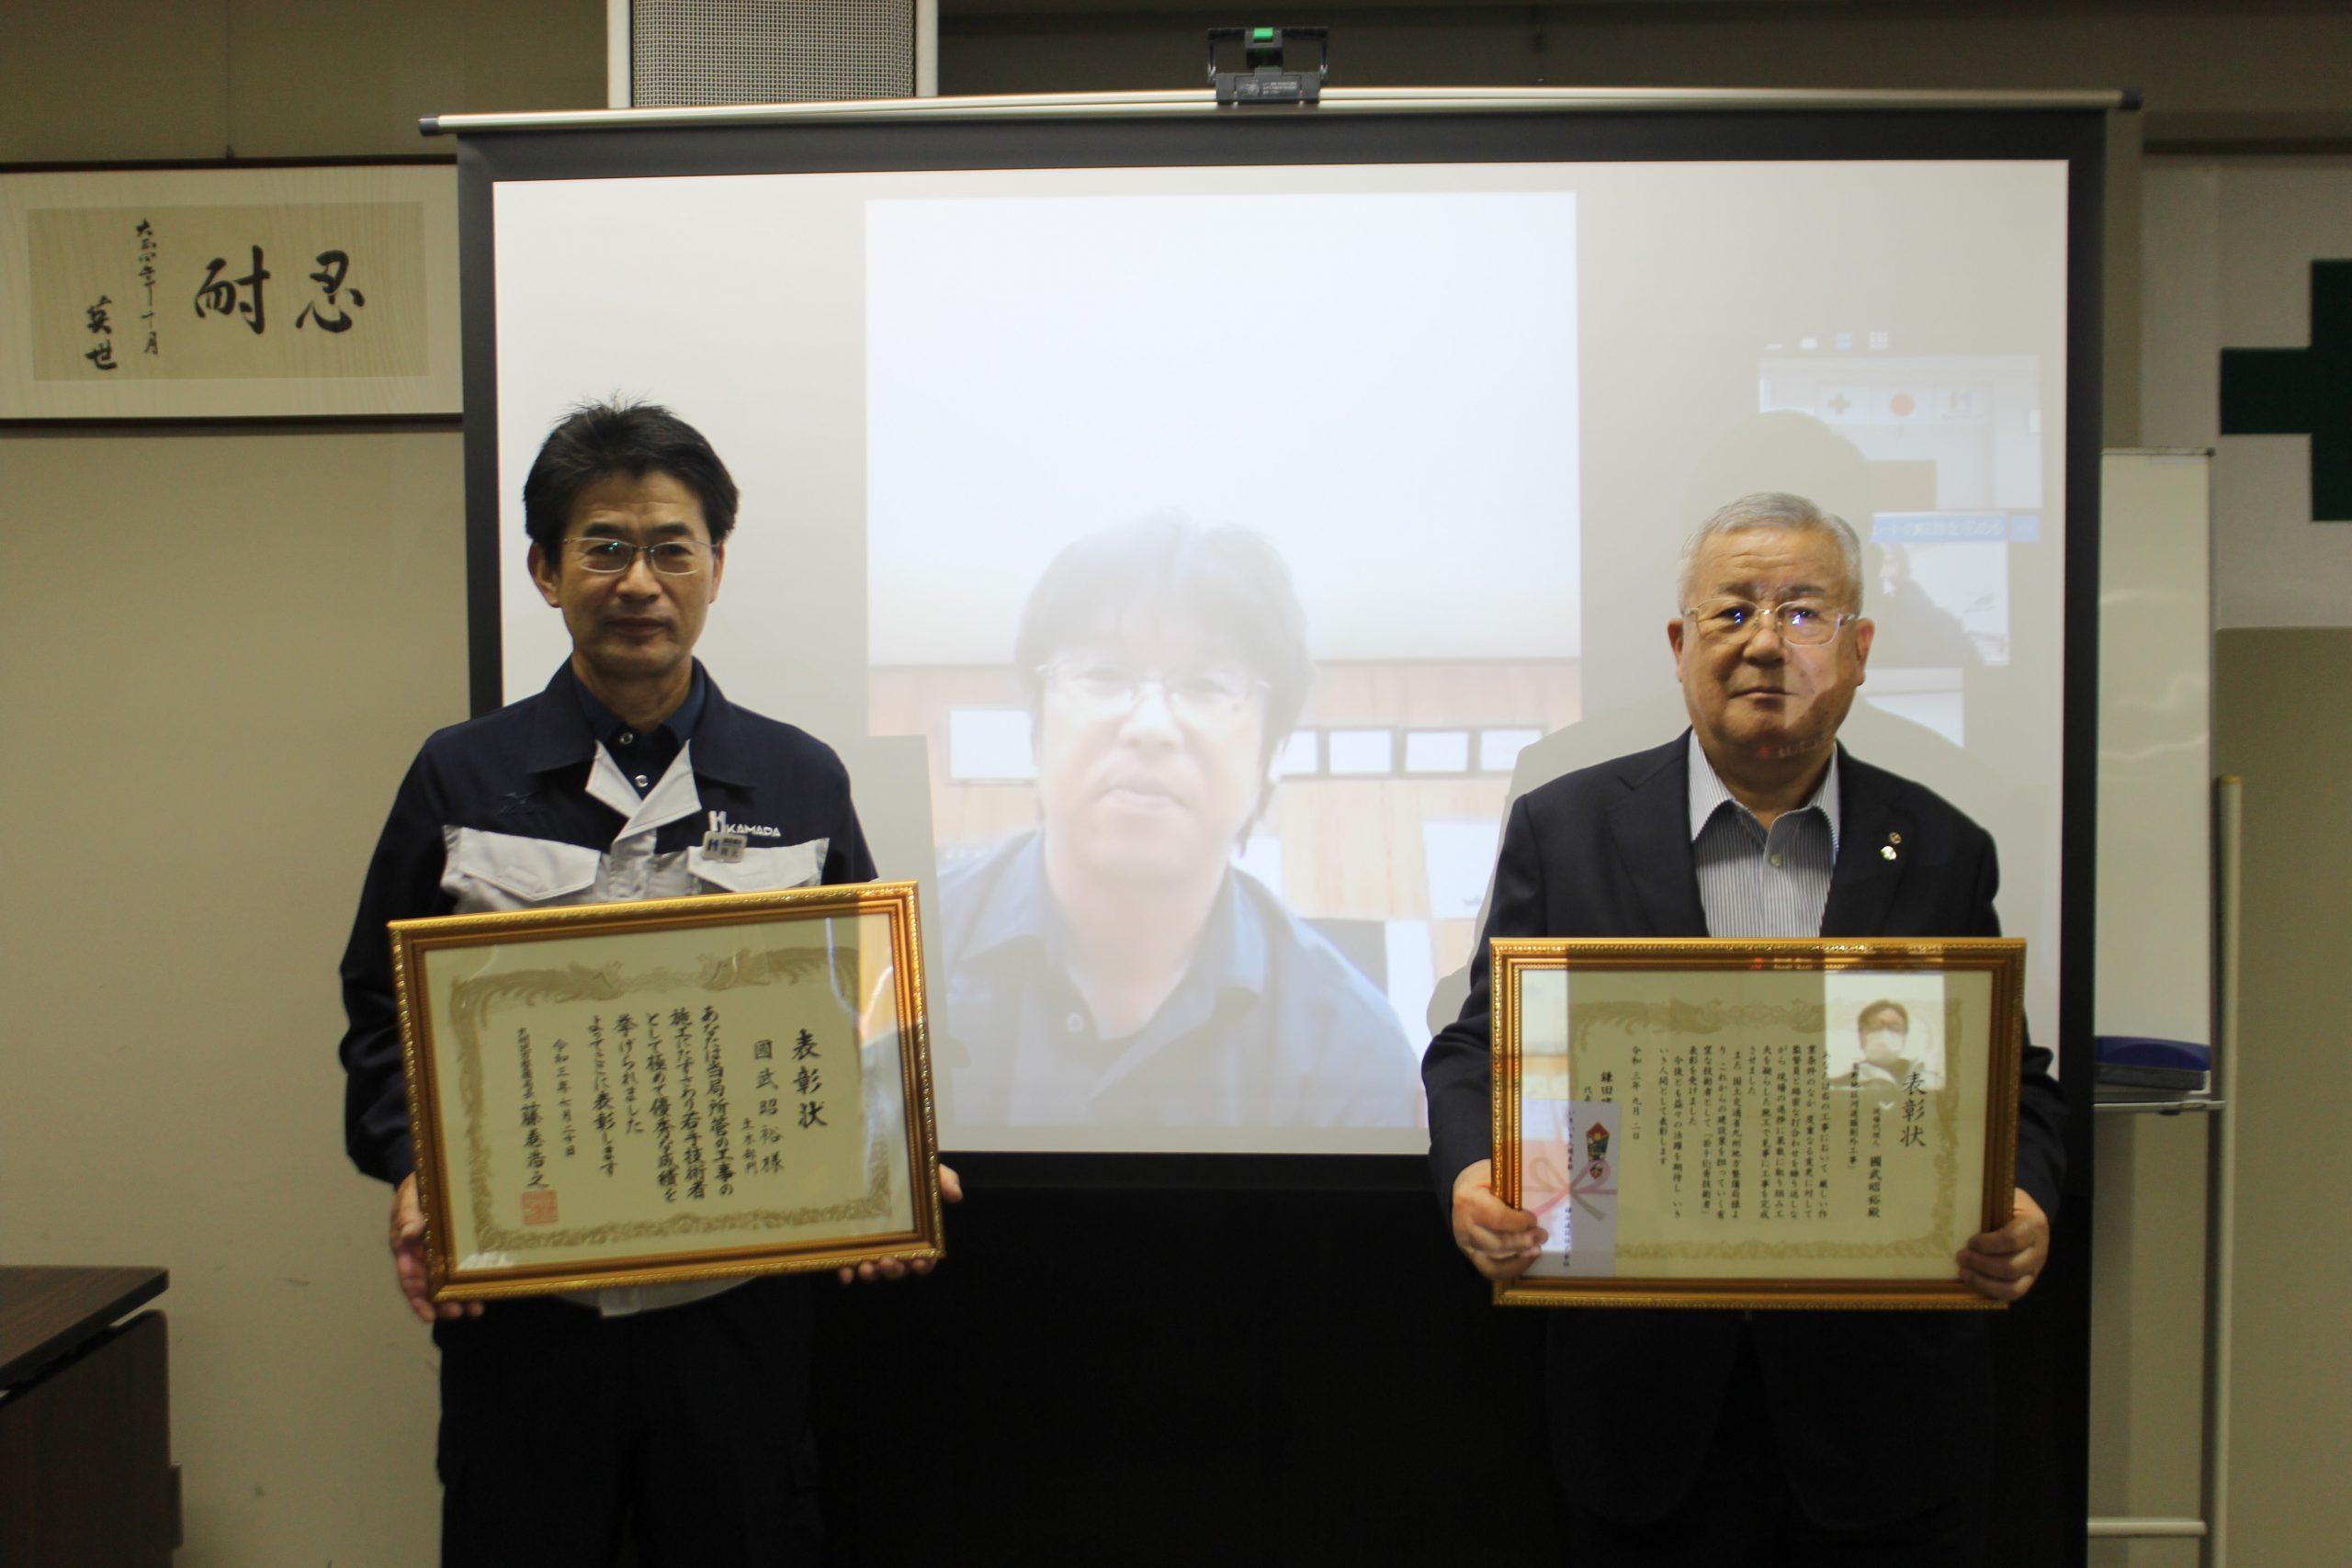 オンライン参加の受賞者との記念撮影